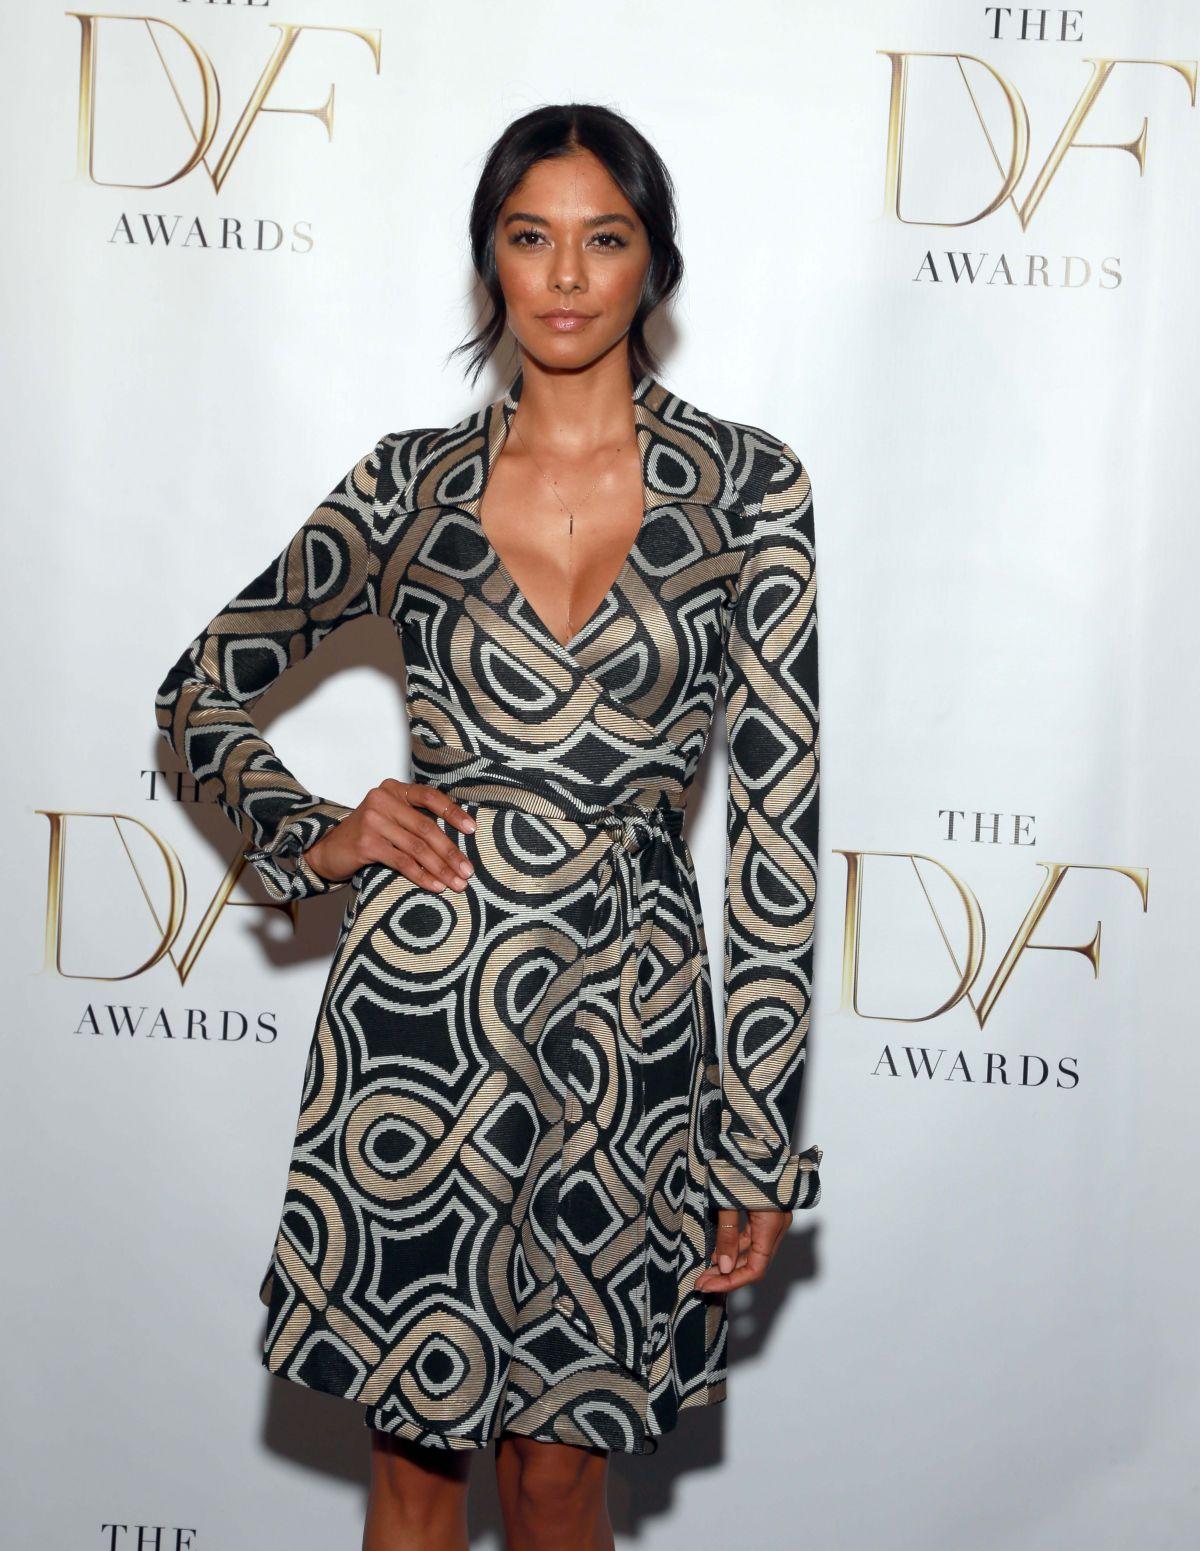 HEIDY DE LA ROSA at 2014 DVF Awards in New York